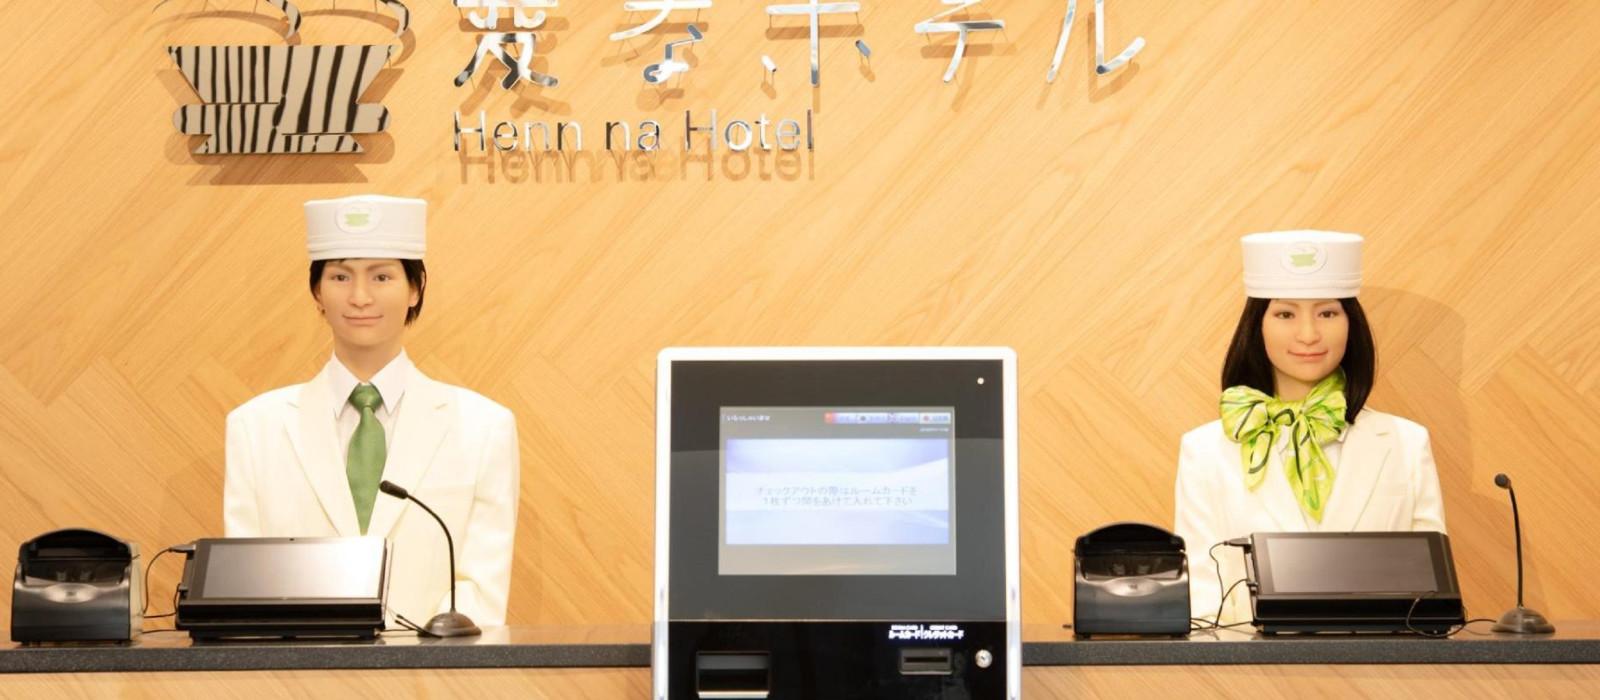 Hotel Henn na  Tokyo Akasaka Japan